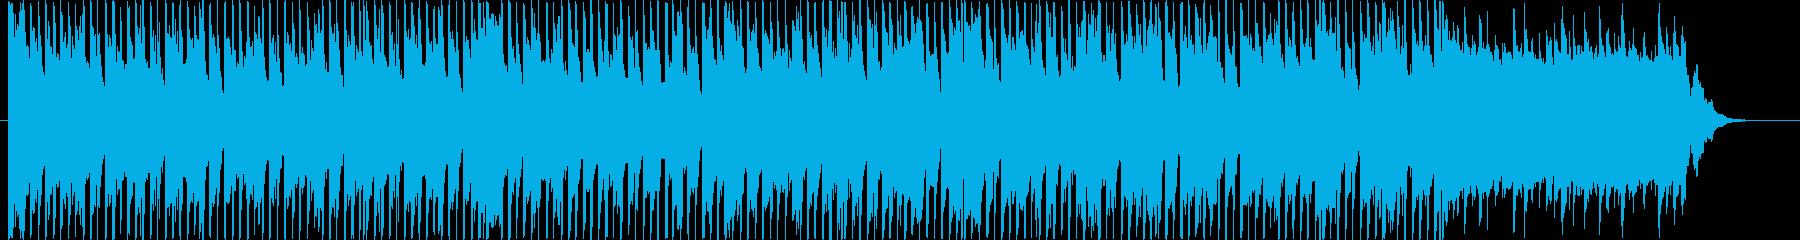 疾走感あるポップBGM(60ver)の再生済みの波形